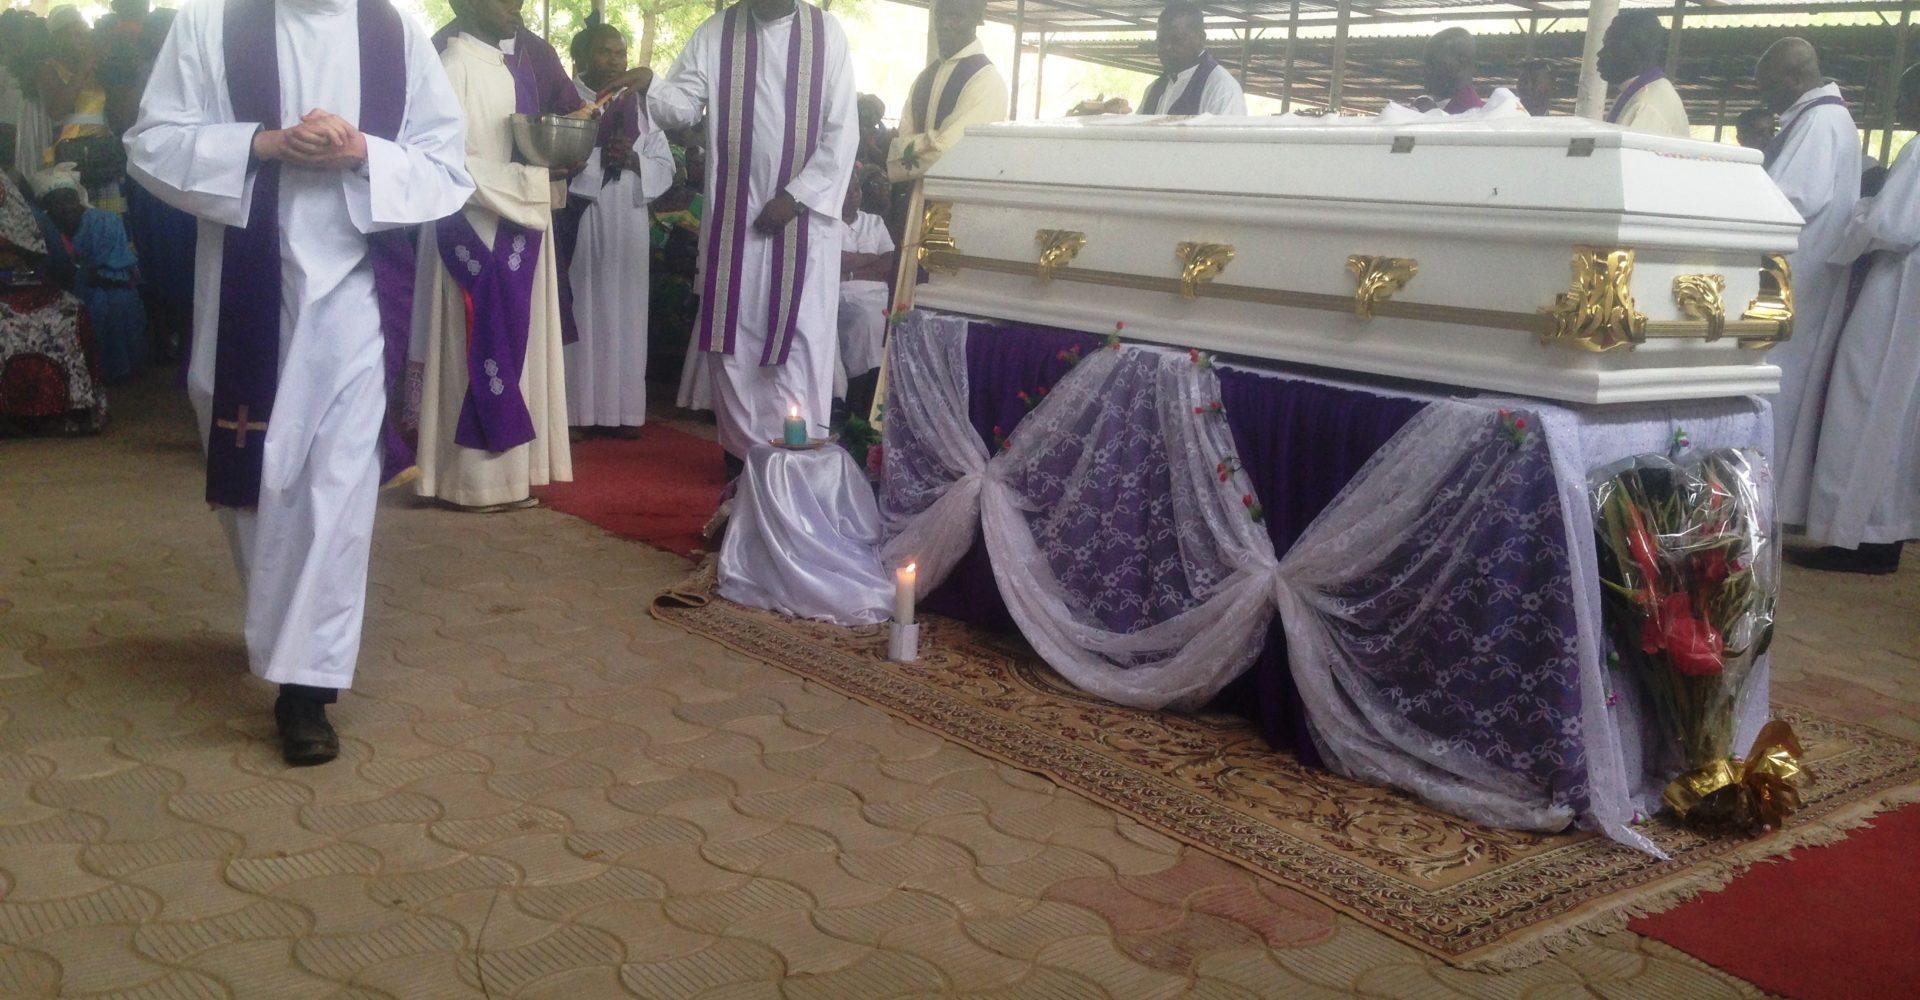 De milliers de personnes disent adieu au père Dipou 1